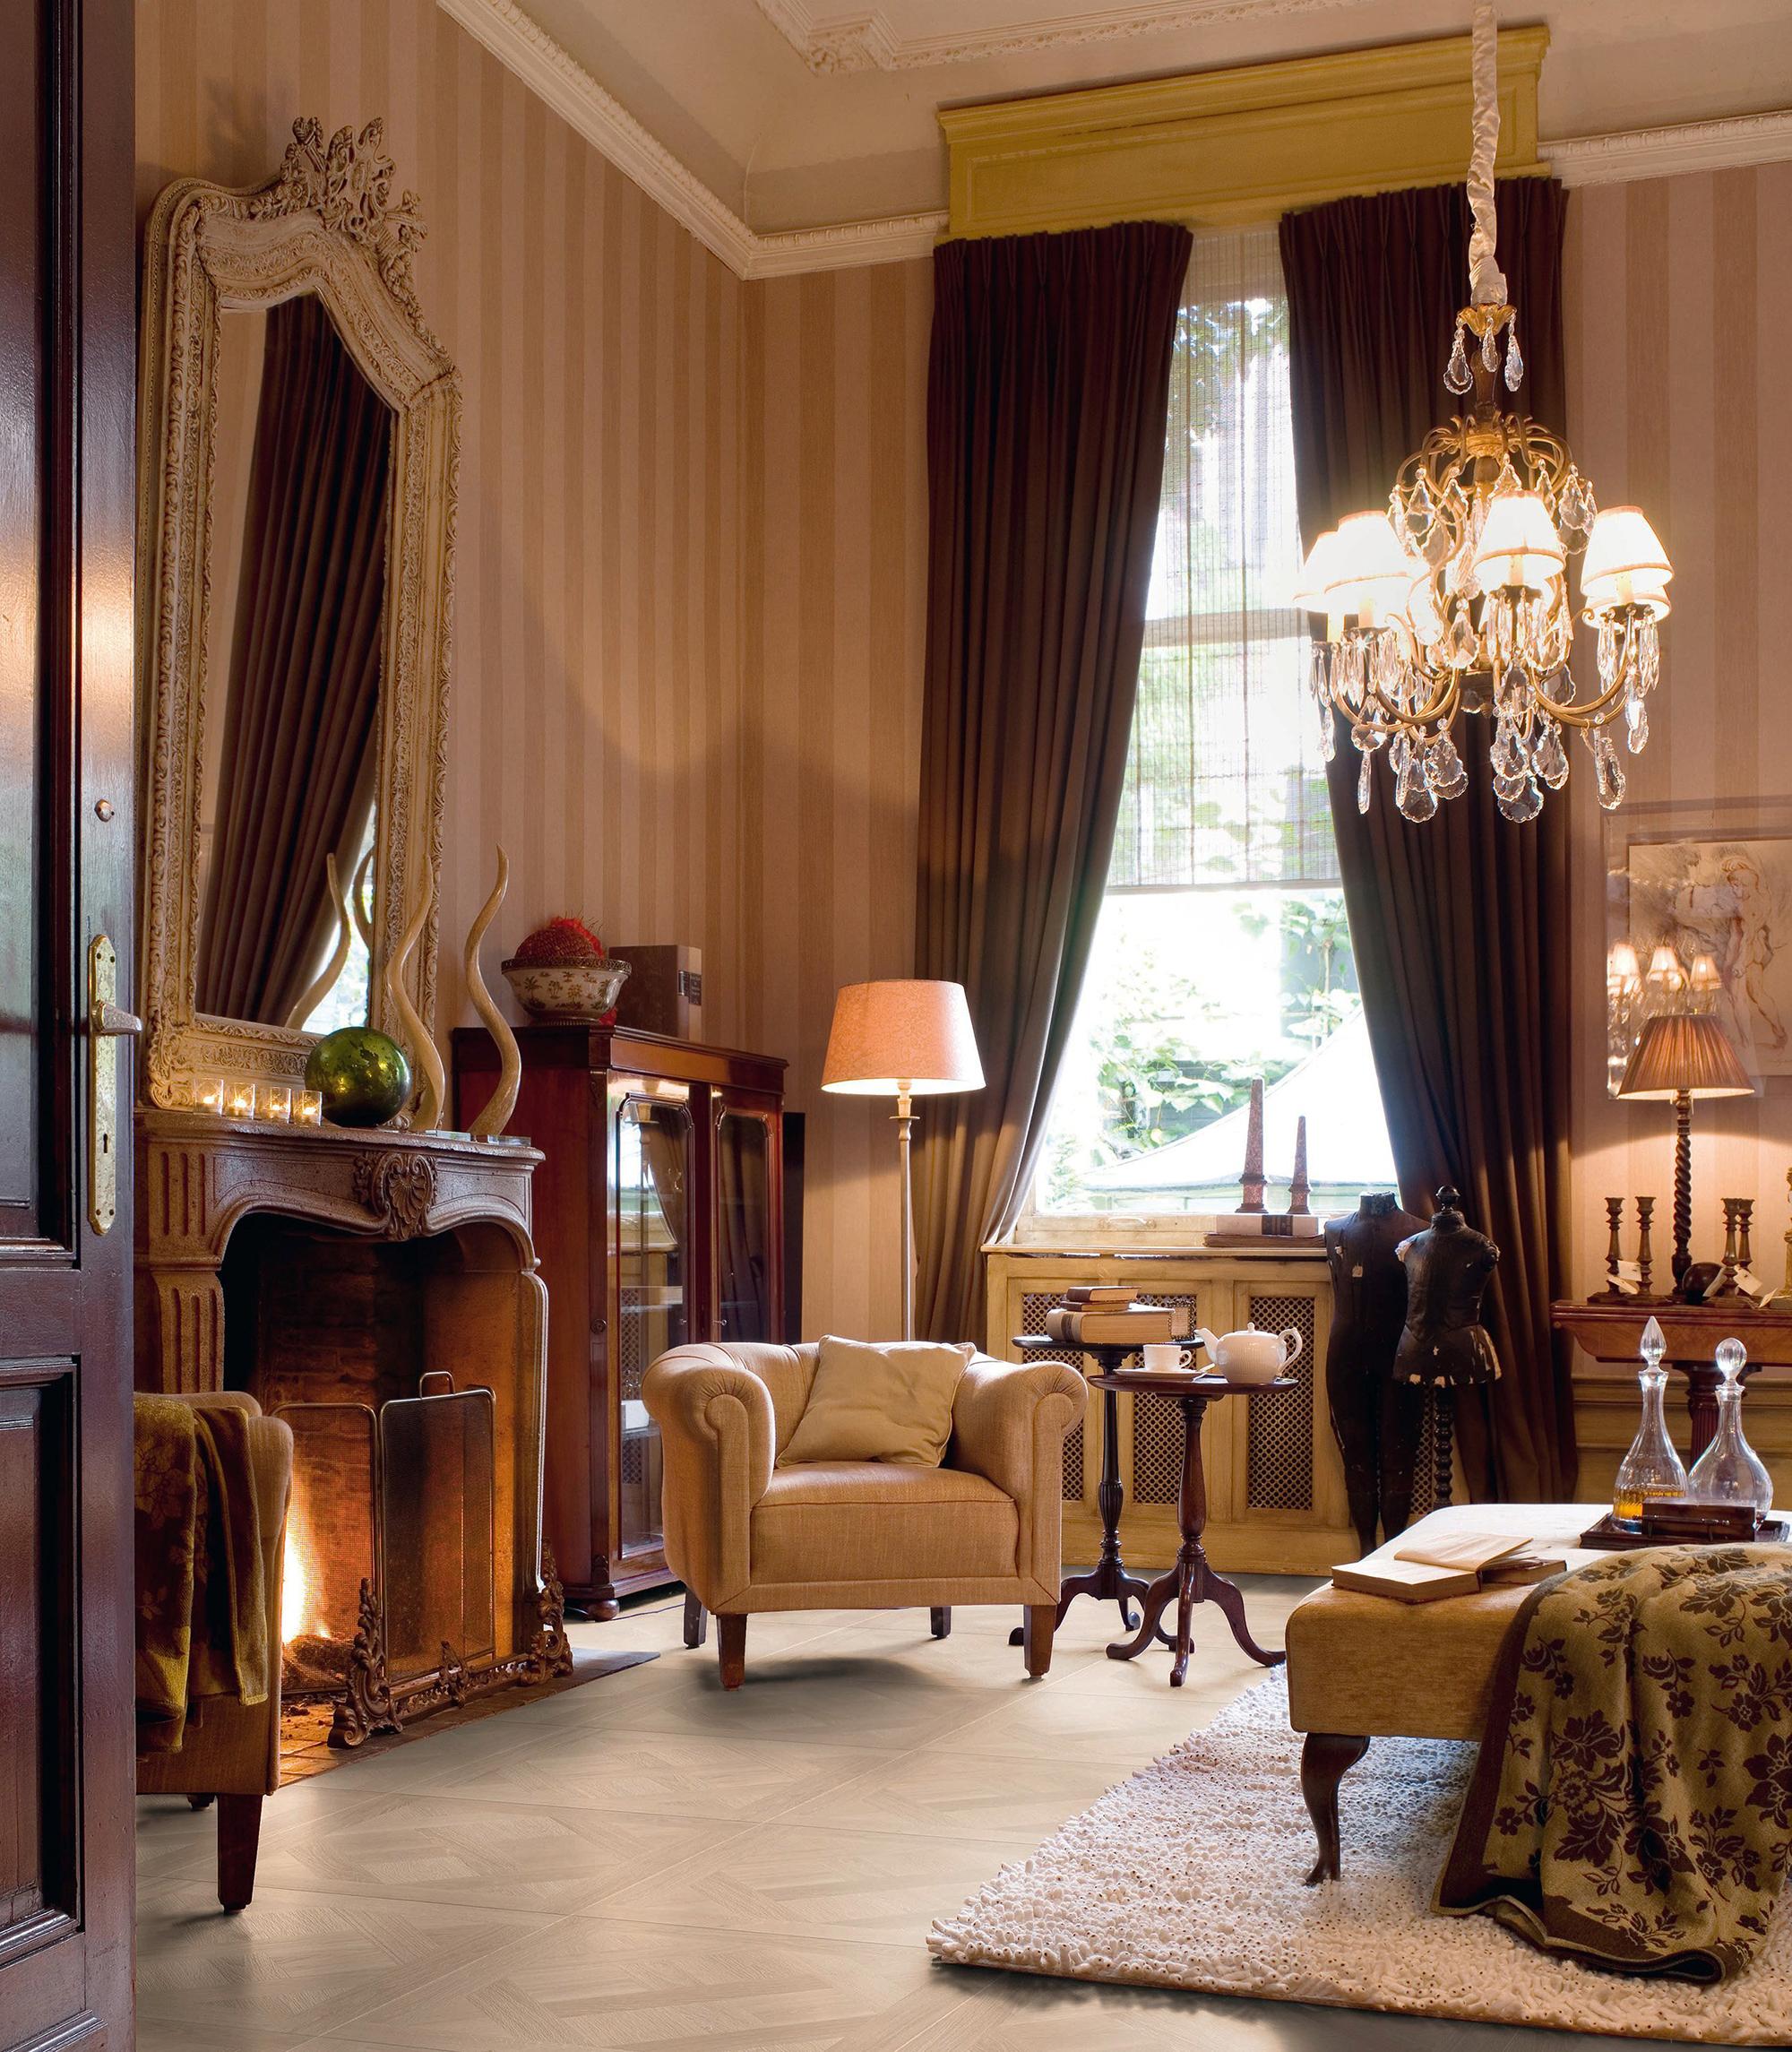 Ламинат с имитацией дерева в гостиной с камином